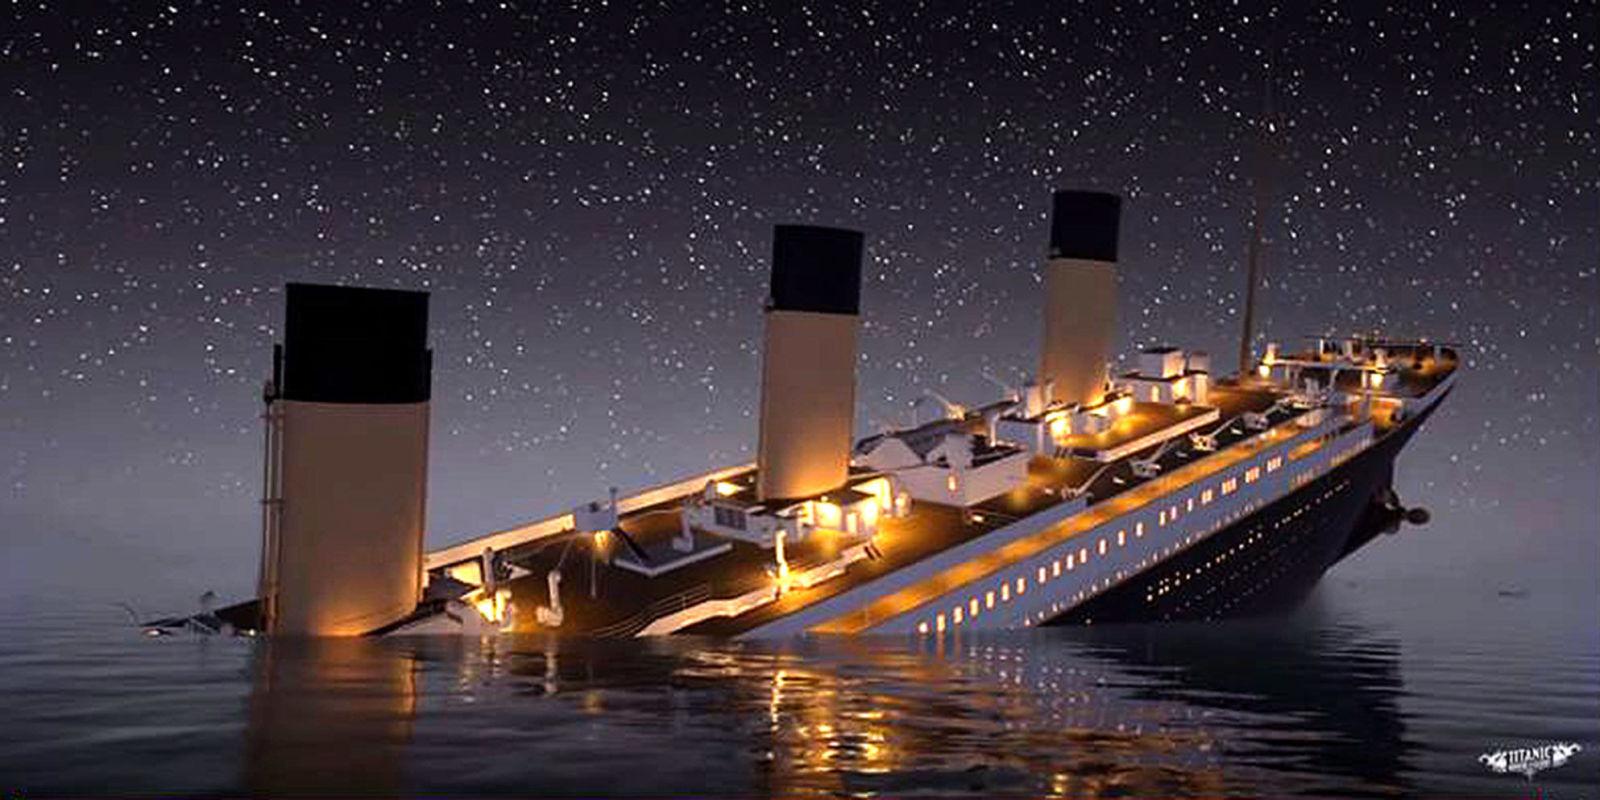 Chìa khóa tủ của tàu Titanic có giá 1,4 tỷ đồng - 1